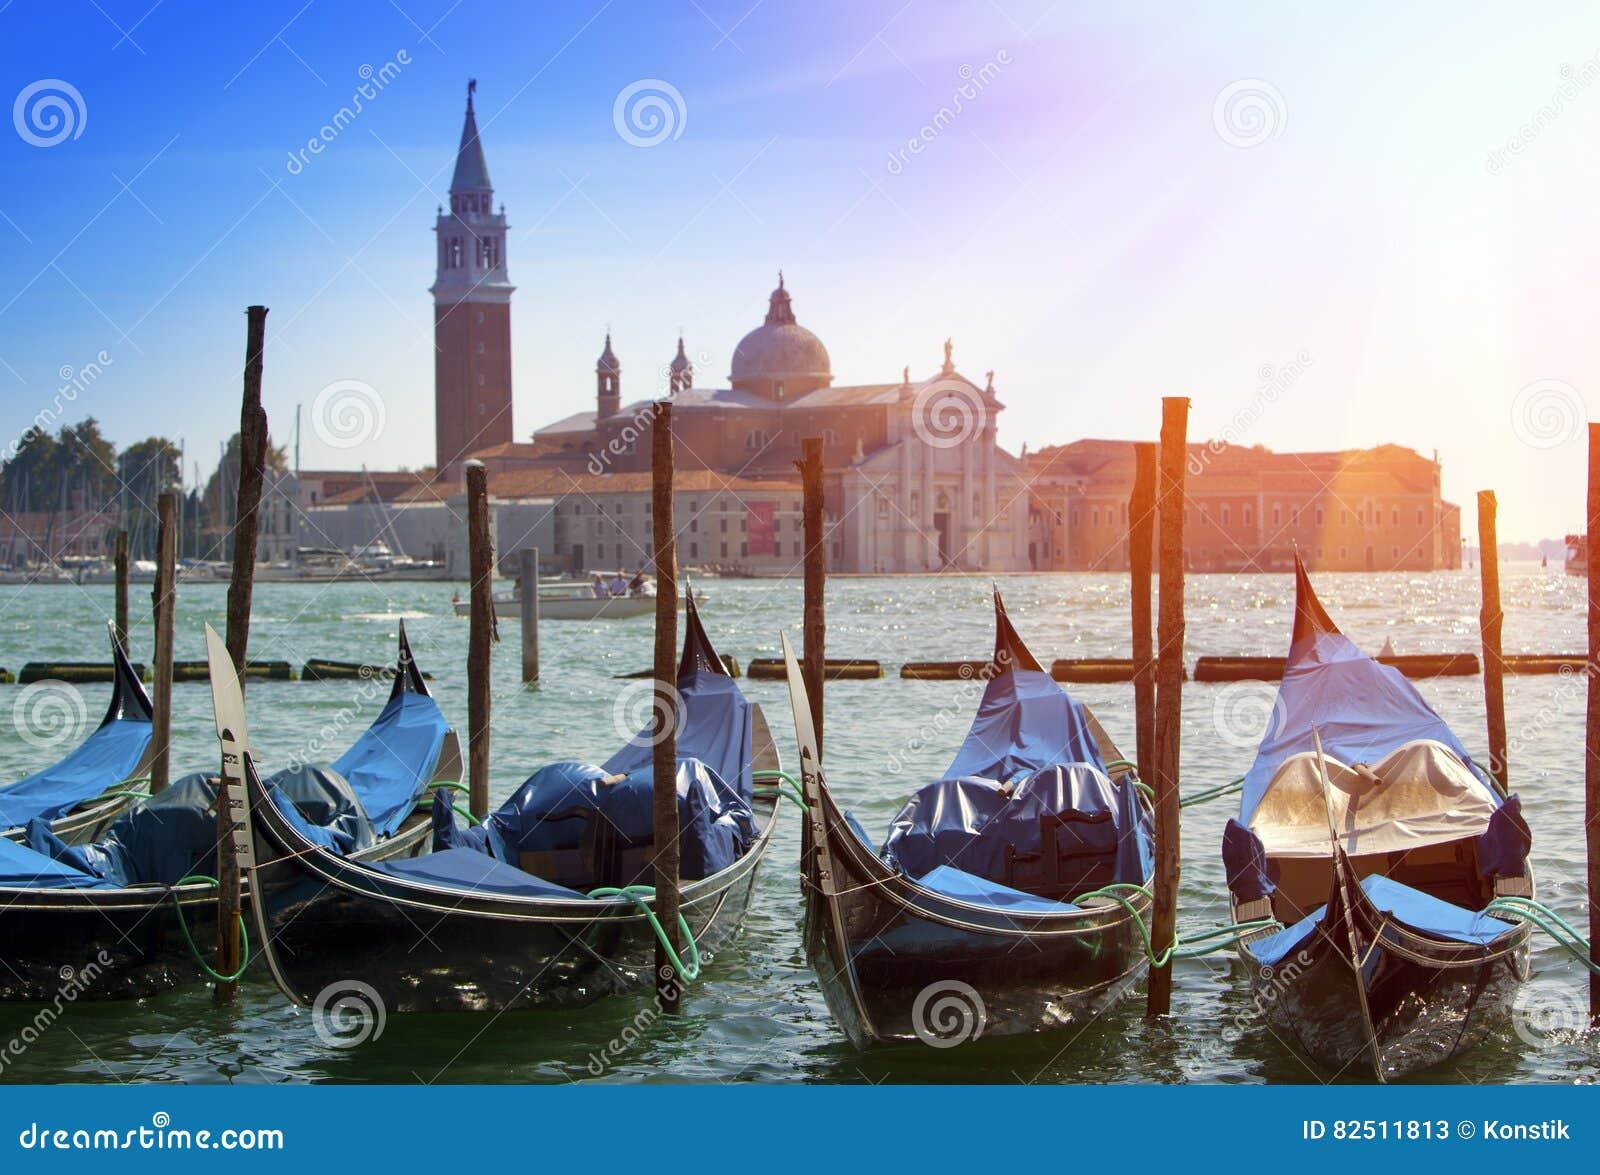 Italien Venedig Gondeln im Kanal groß